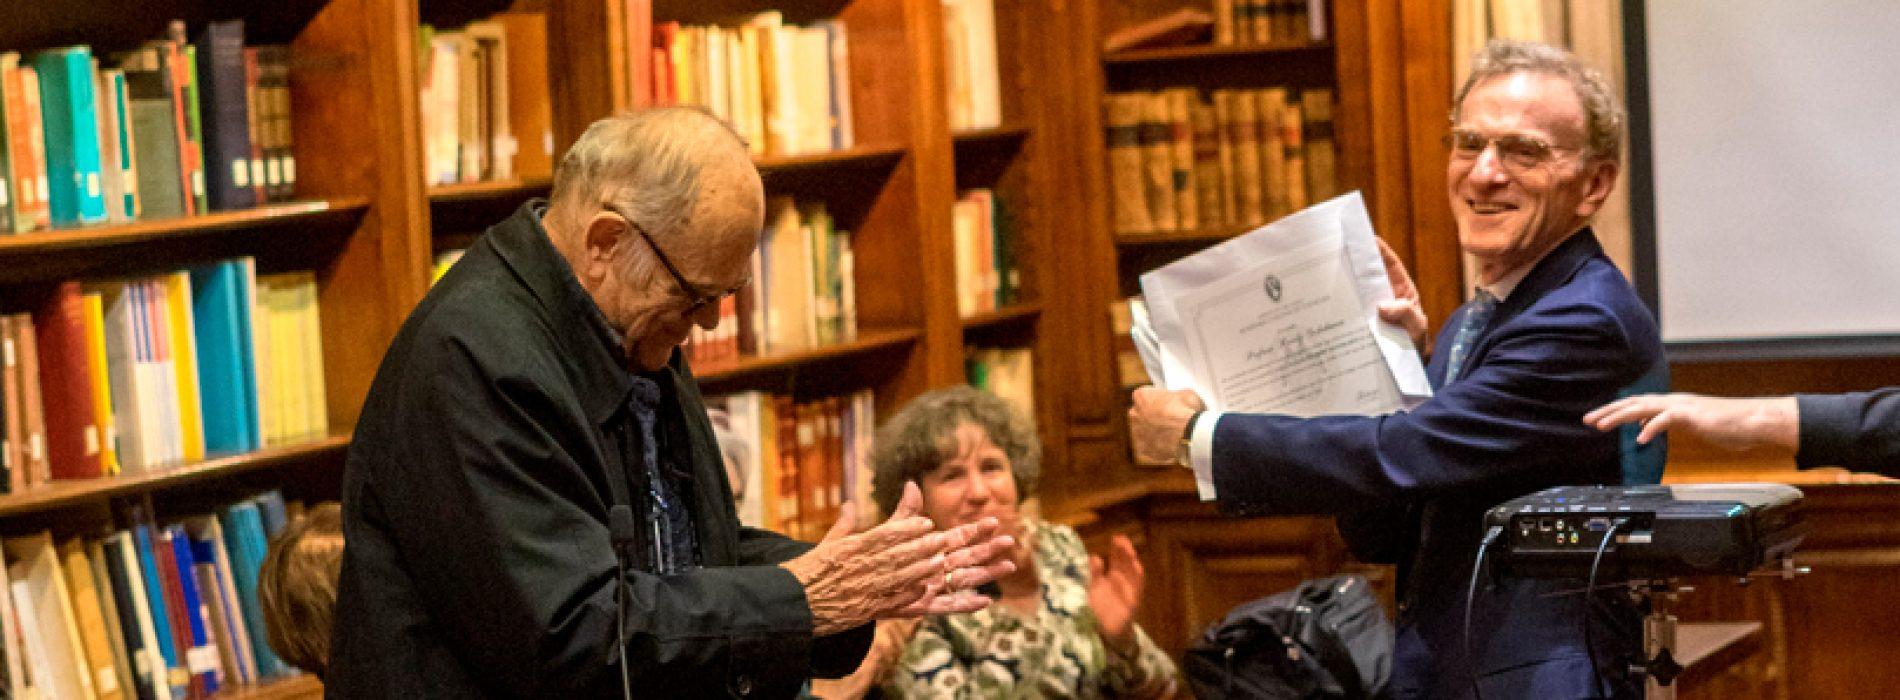 Premio Nobel de Medicina fue nombrado Miembro Honorario de la Academia de Ciencias